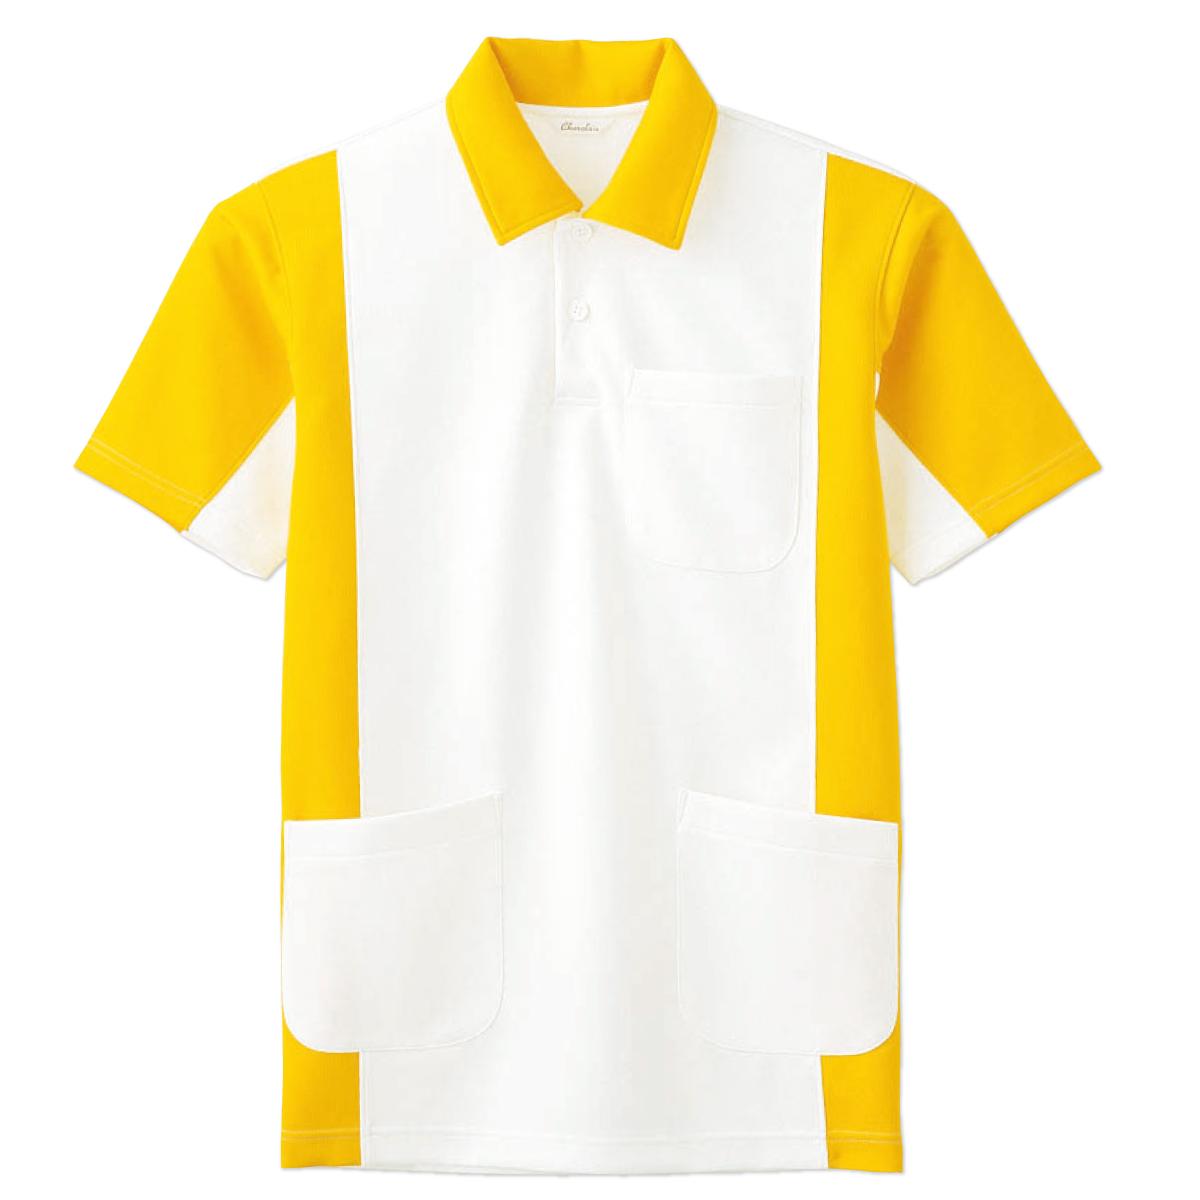 シャロレー 4033-15 41 56 71 国内正規品 ☆正規品新品未使用品 男女兼用 89 介護 ニットシャツ